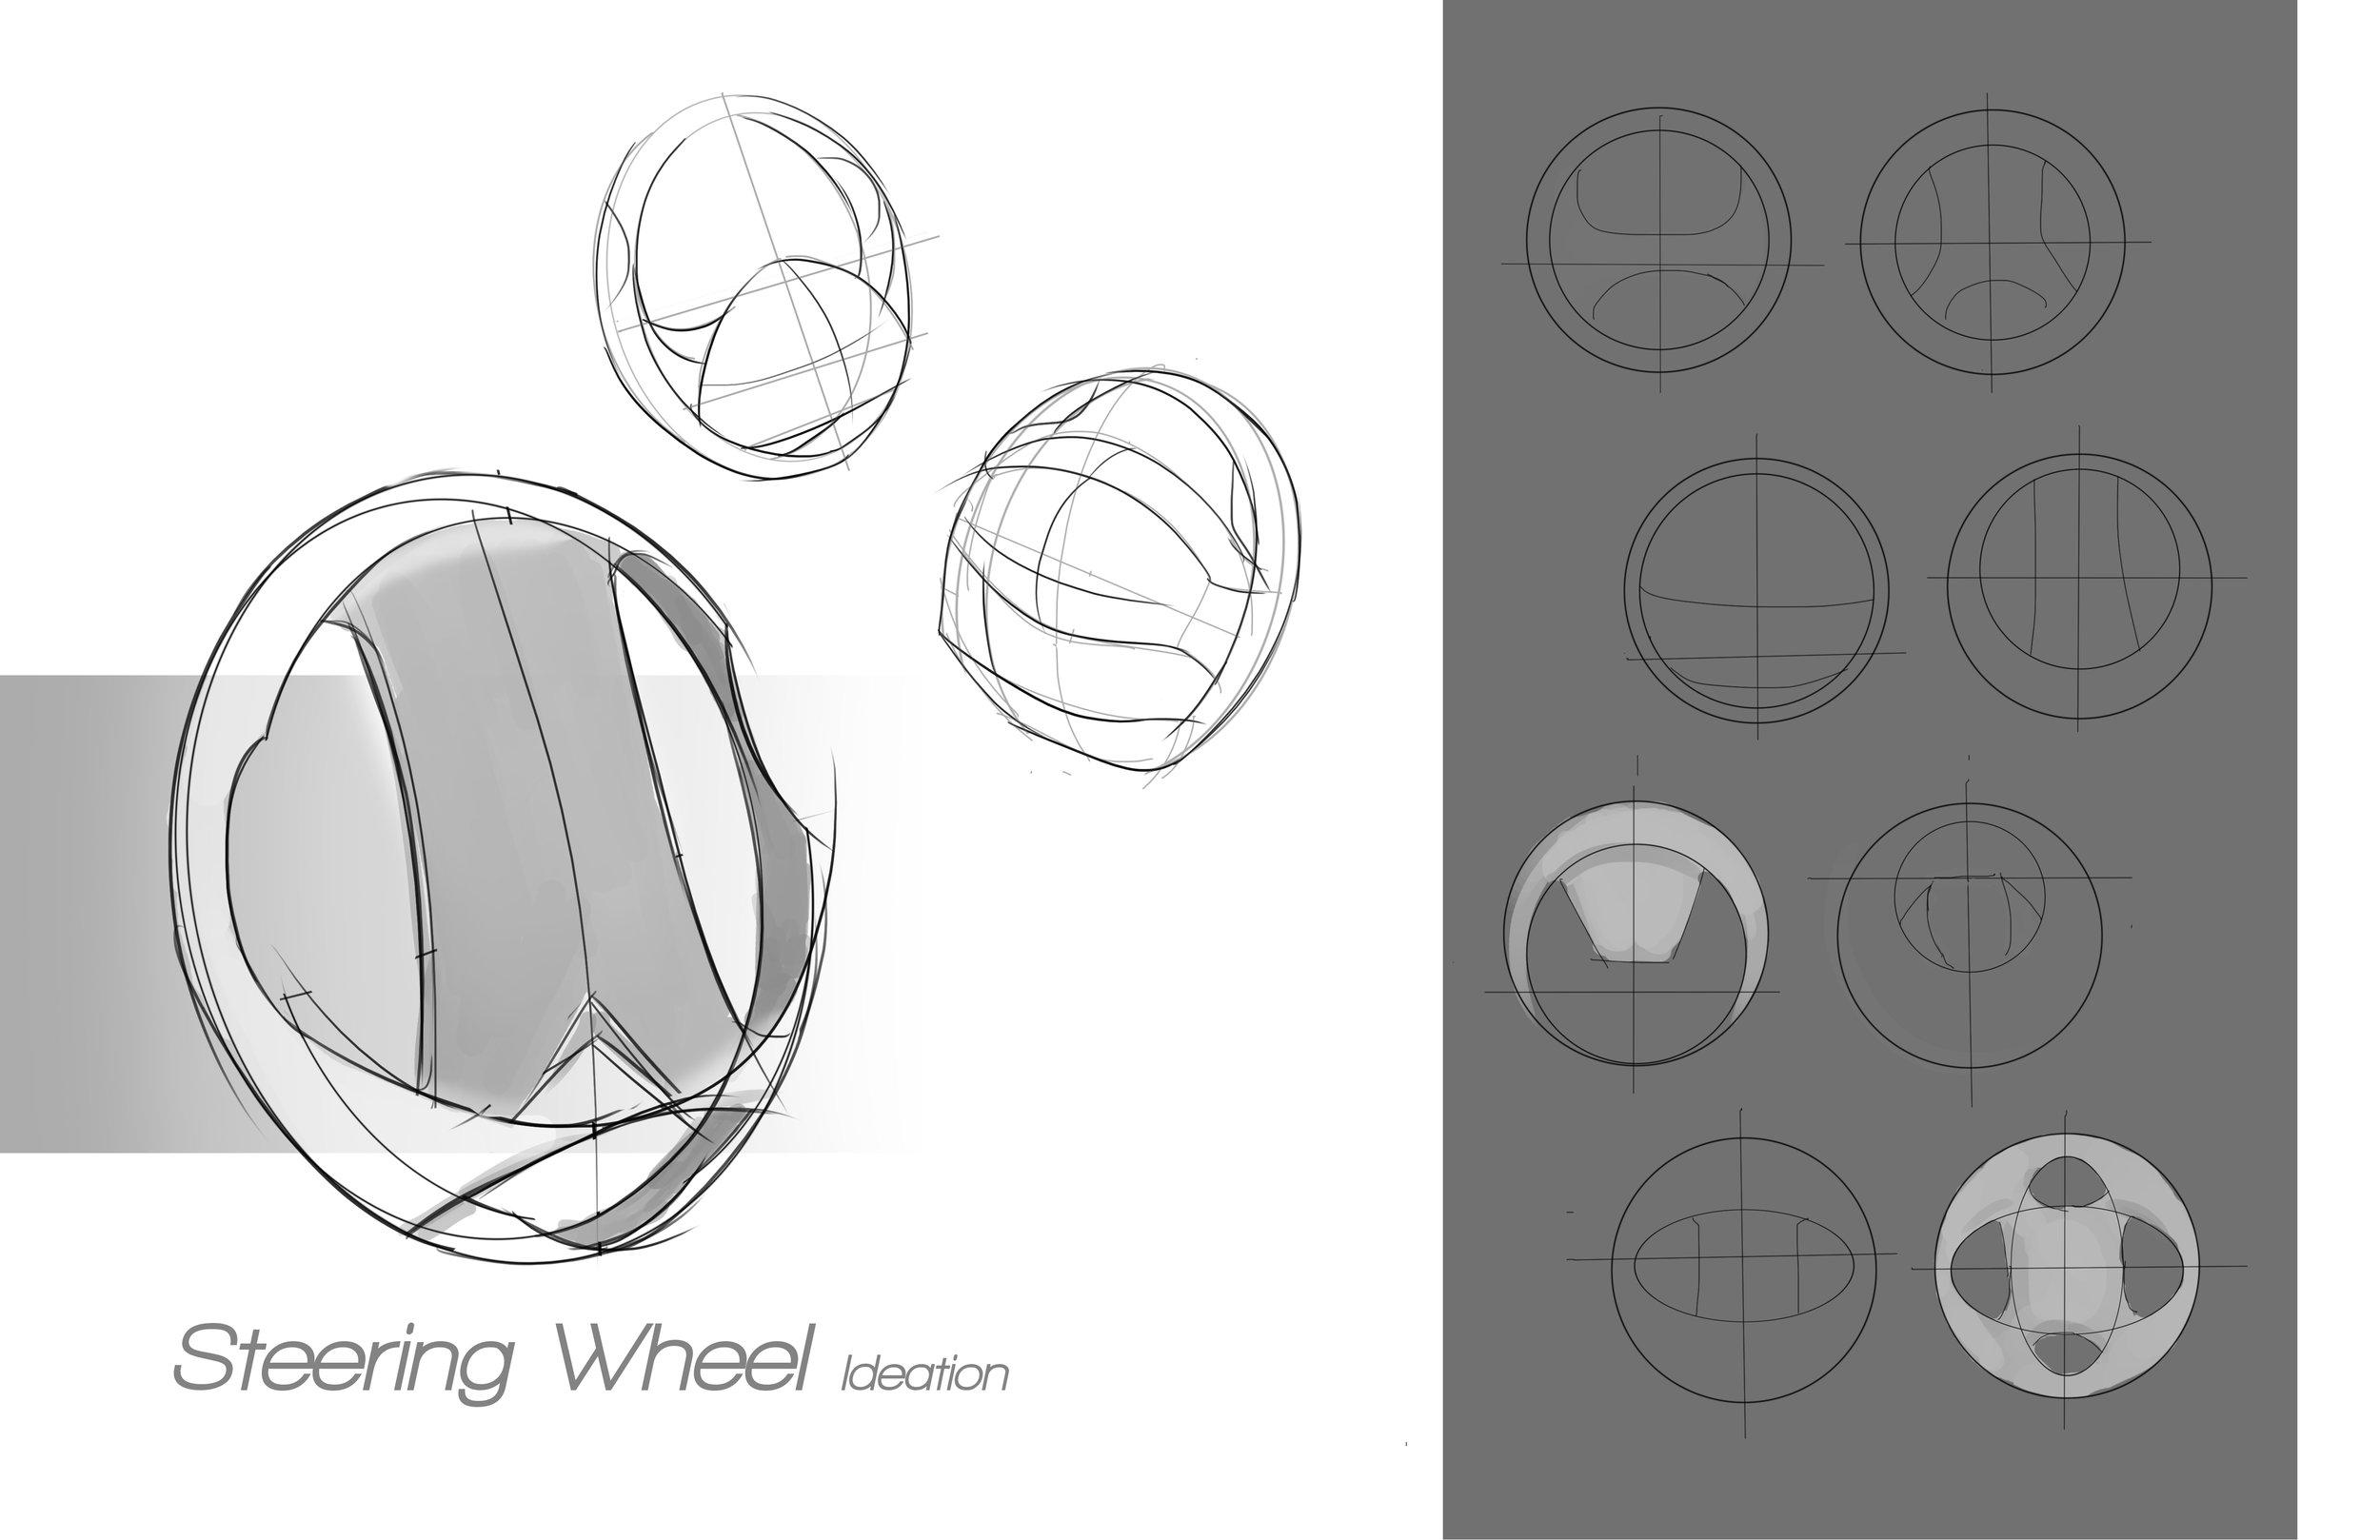 ideation steering wheel.jpg